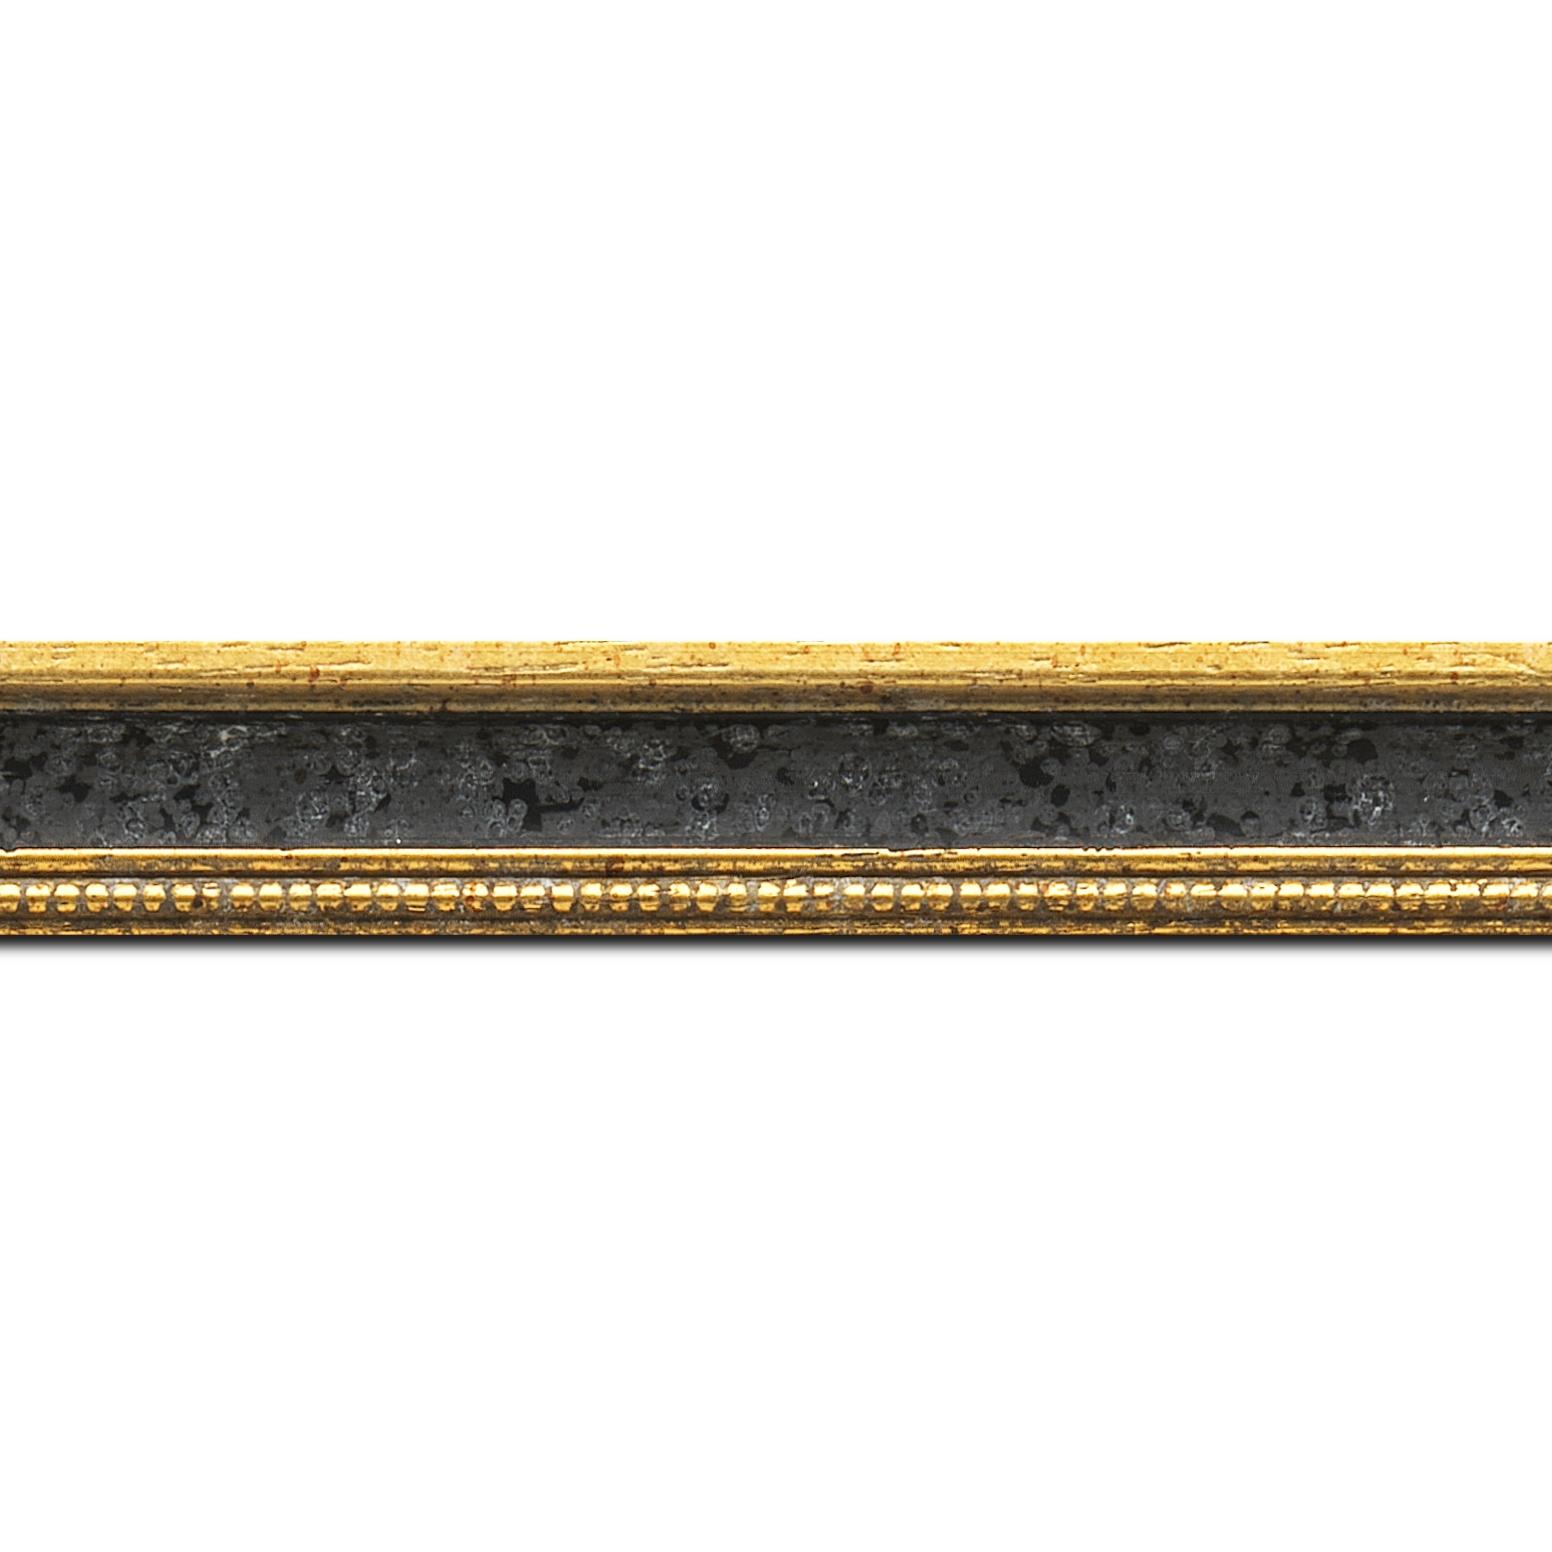 Pack par 12m, bois profil incuvé largeur 2.4cm or antique gorge noir filet perle or (longueur baguette pouvant varier entre 2.40m et 3m selon arrivage des bois)